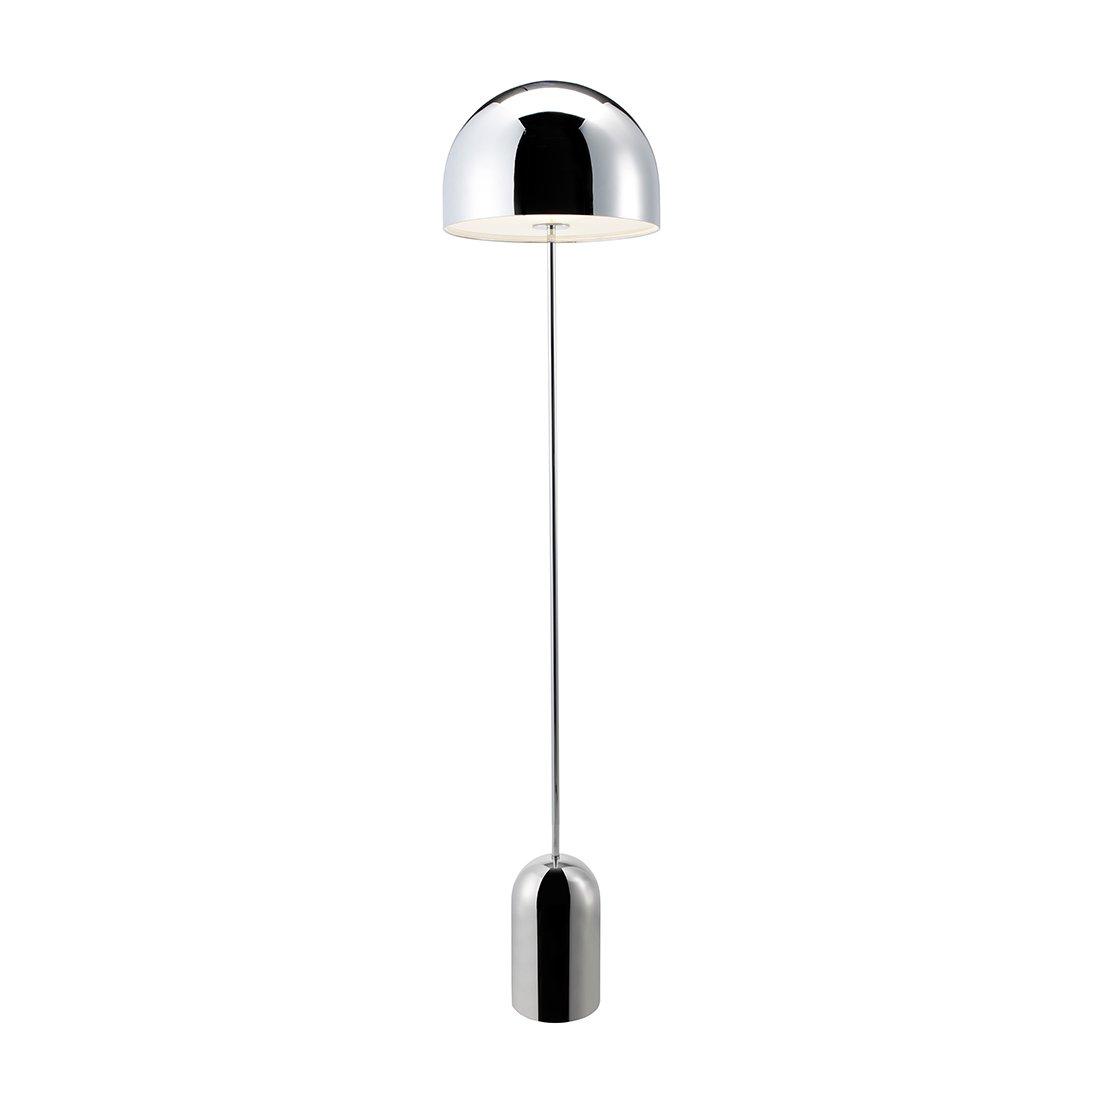 Tom Dixon Bell Vloerlamp Chroom